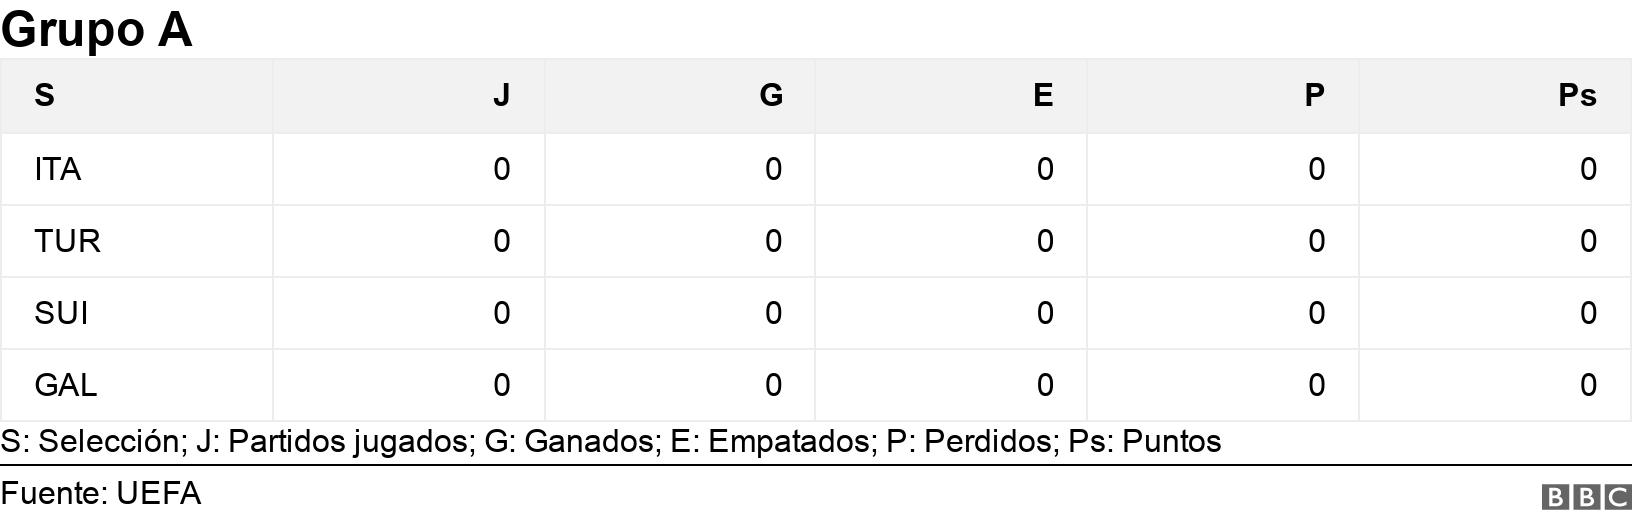 Grupo A. .  S: Selección; J: Partidos jugados; G: Ganados; E: Empatados; P: Perdidos; Ps: Puntos.